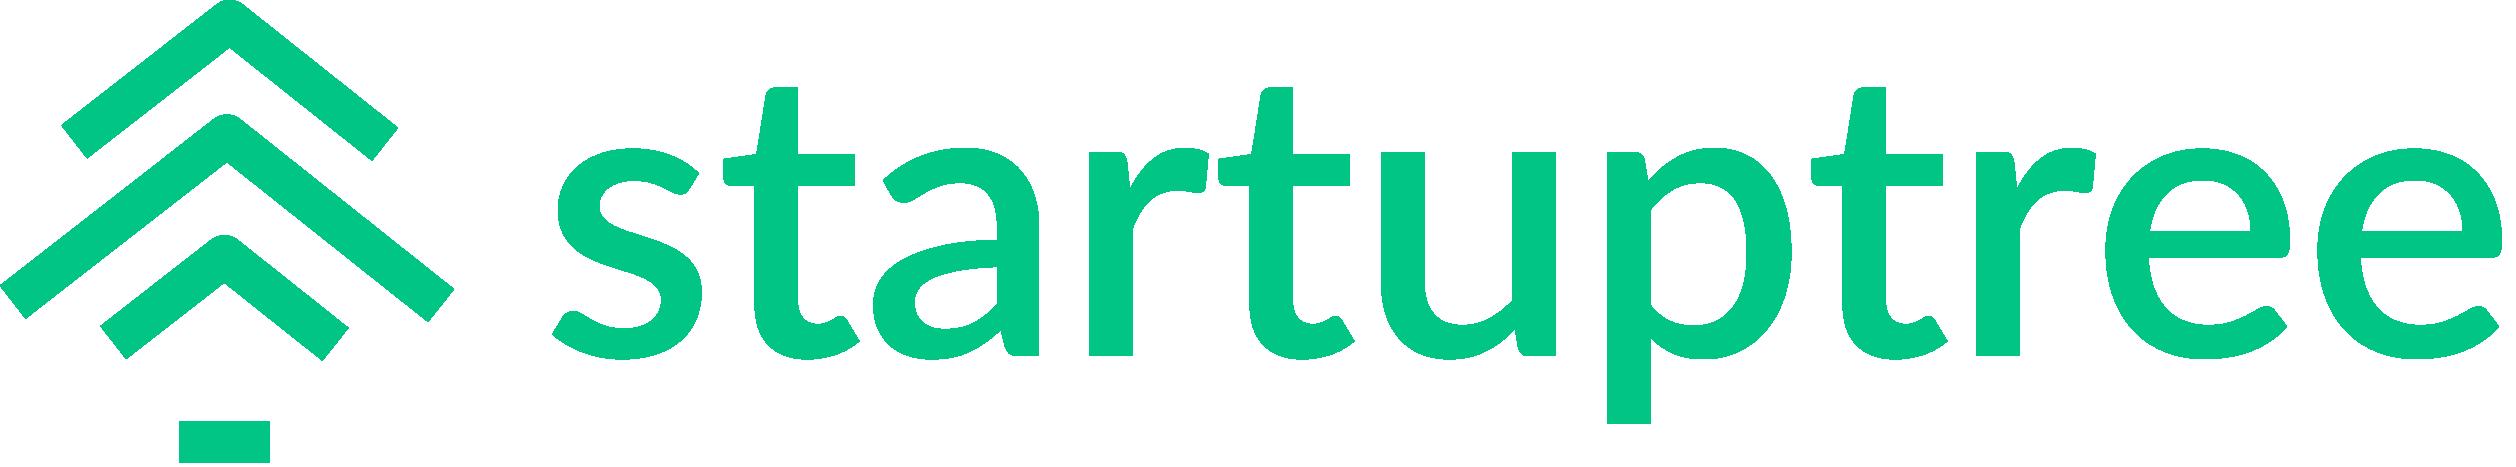 Logo for Startup Tree